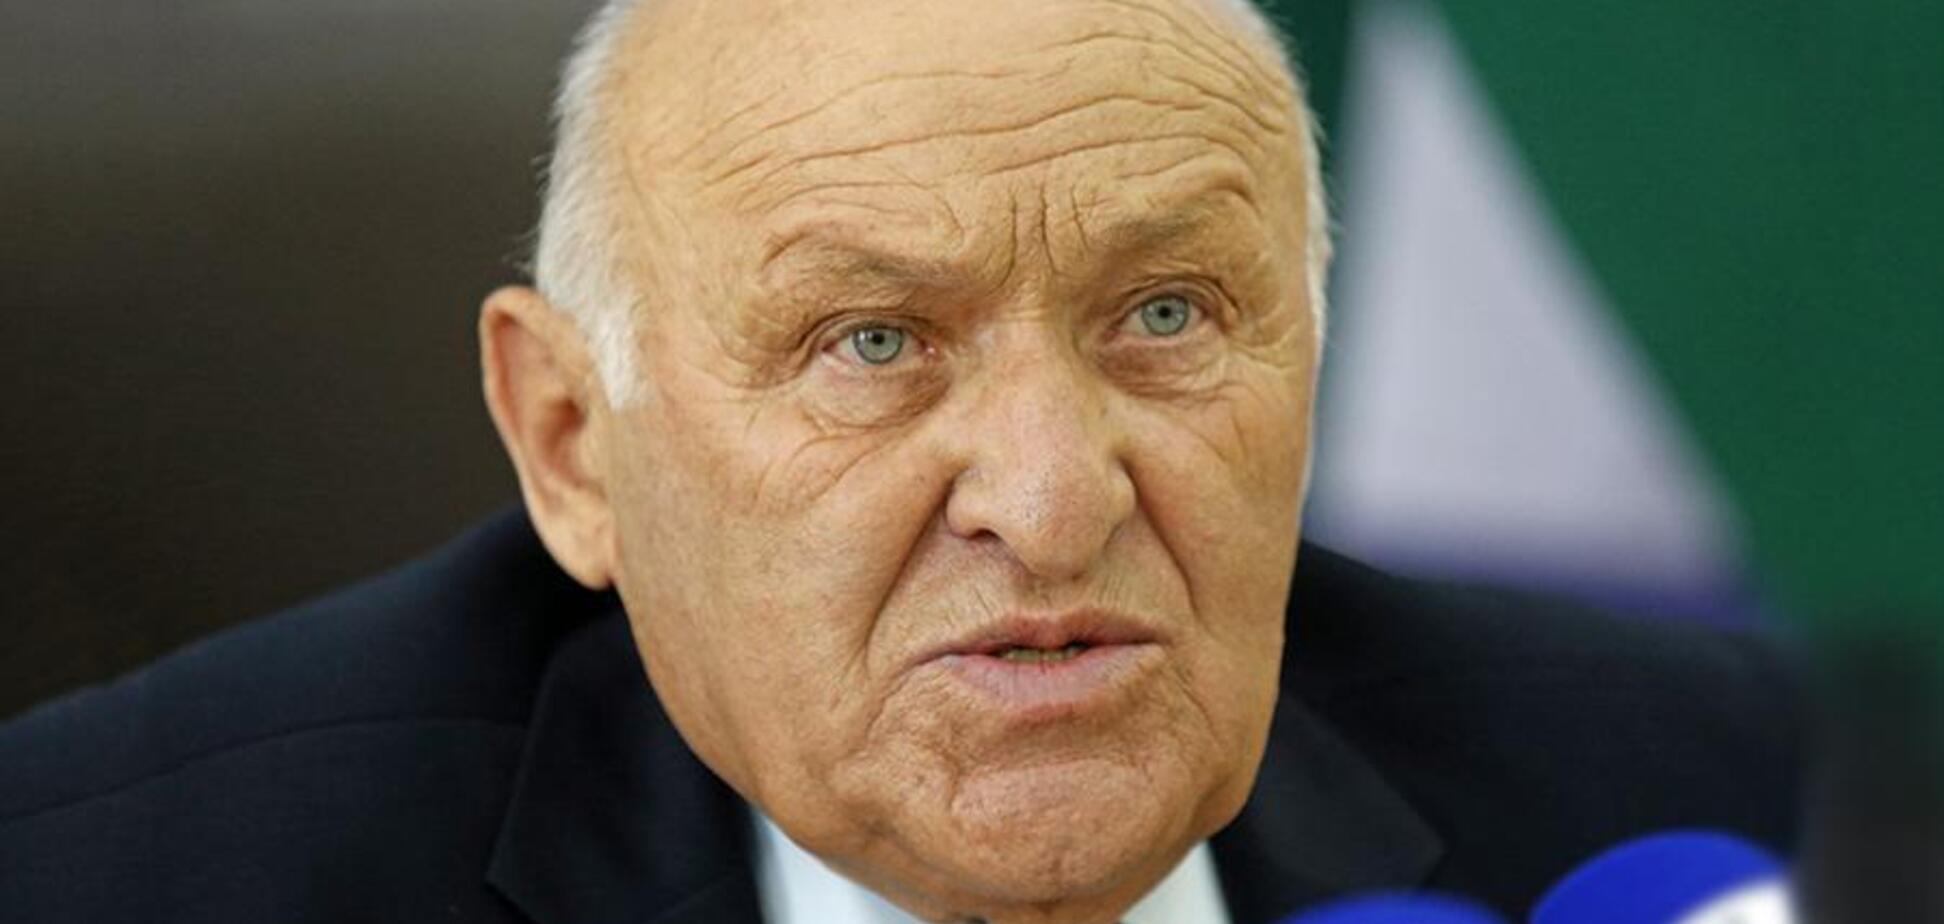 Протесты в Абхазии: 'спикер парламента' угодил в больницу с сердечным приступом